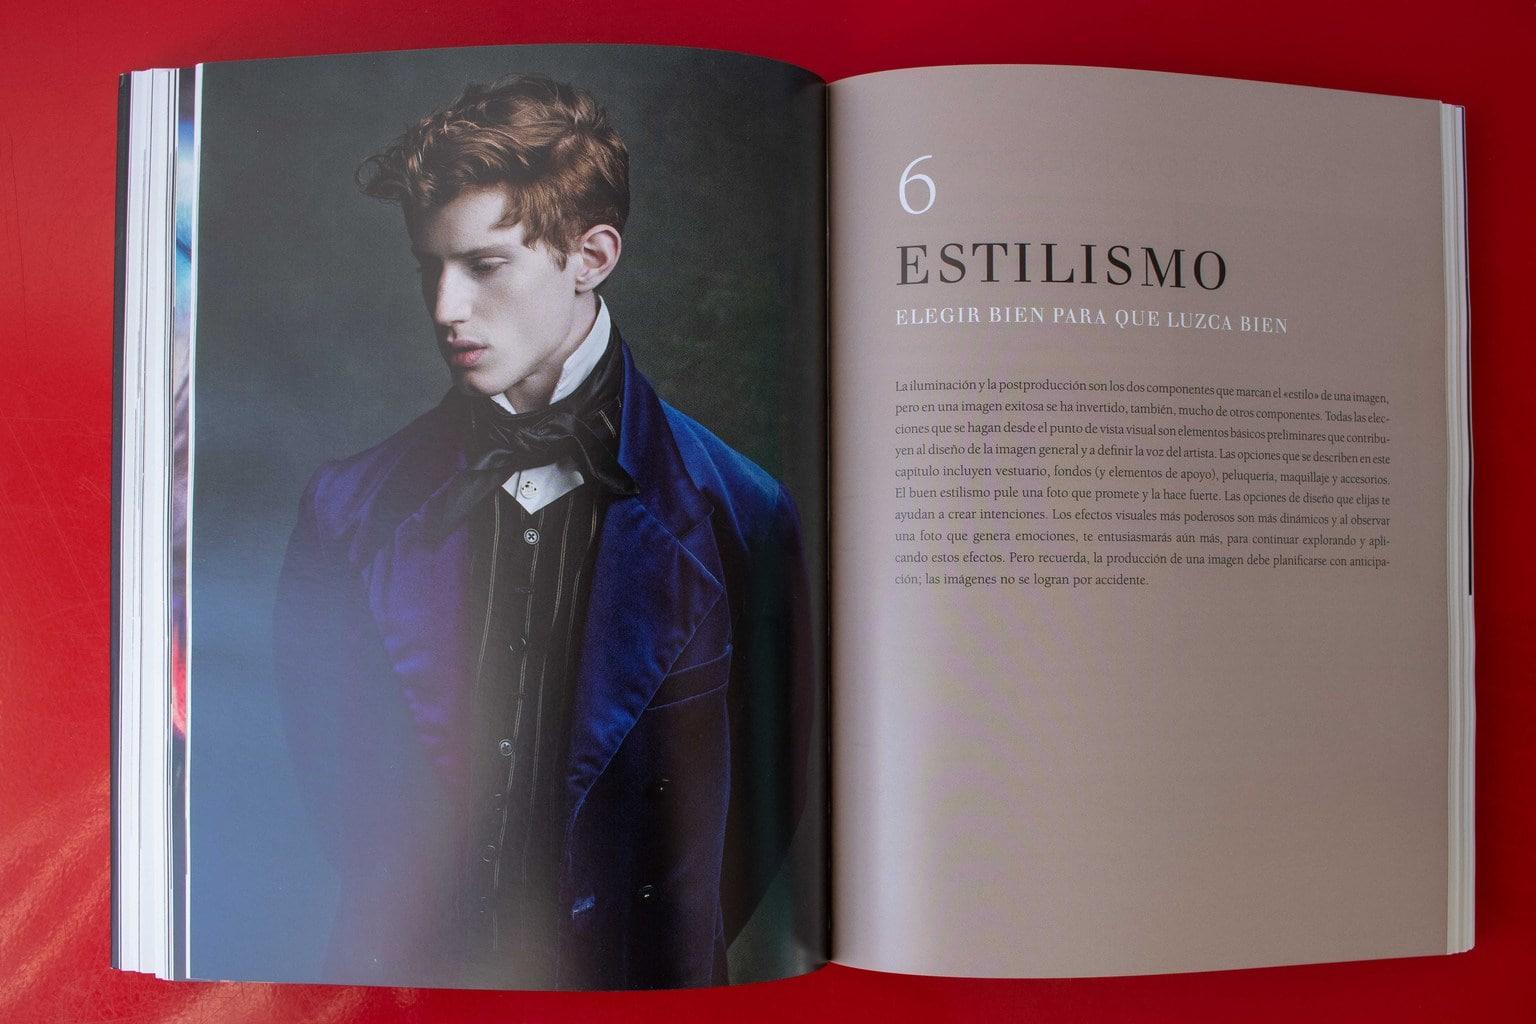 capítulo 6 estilismo en el retrato